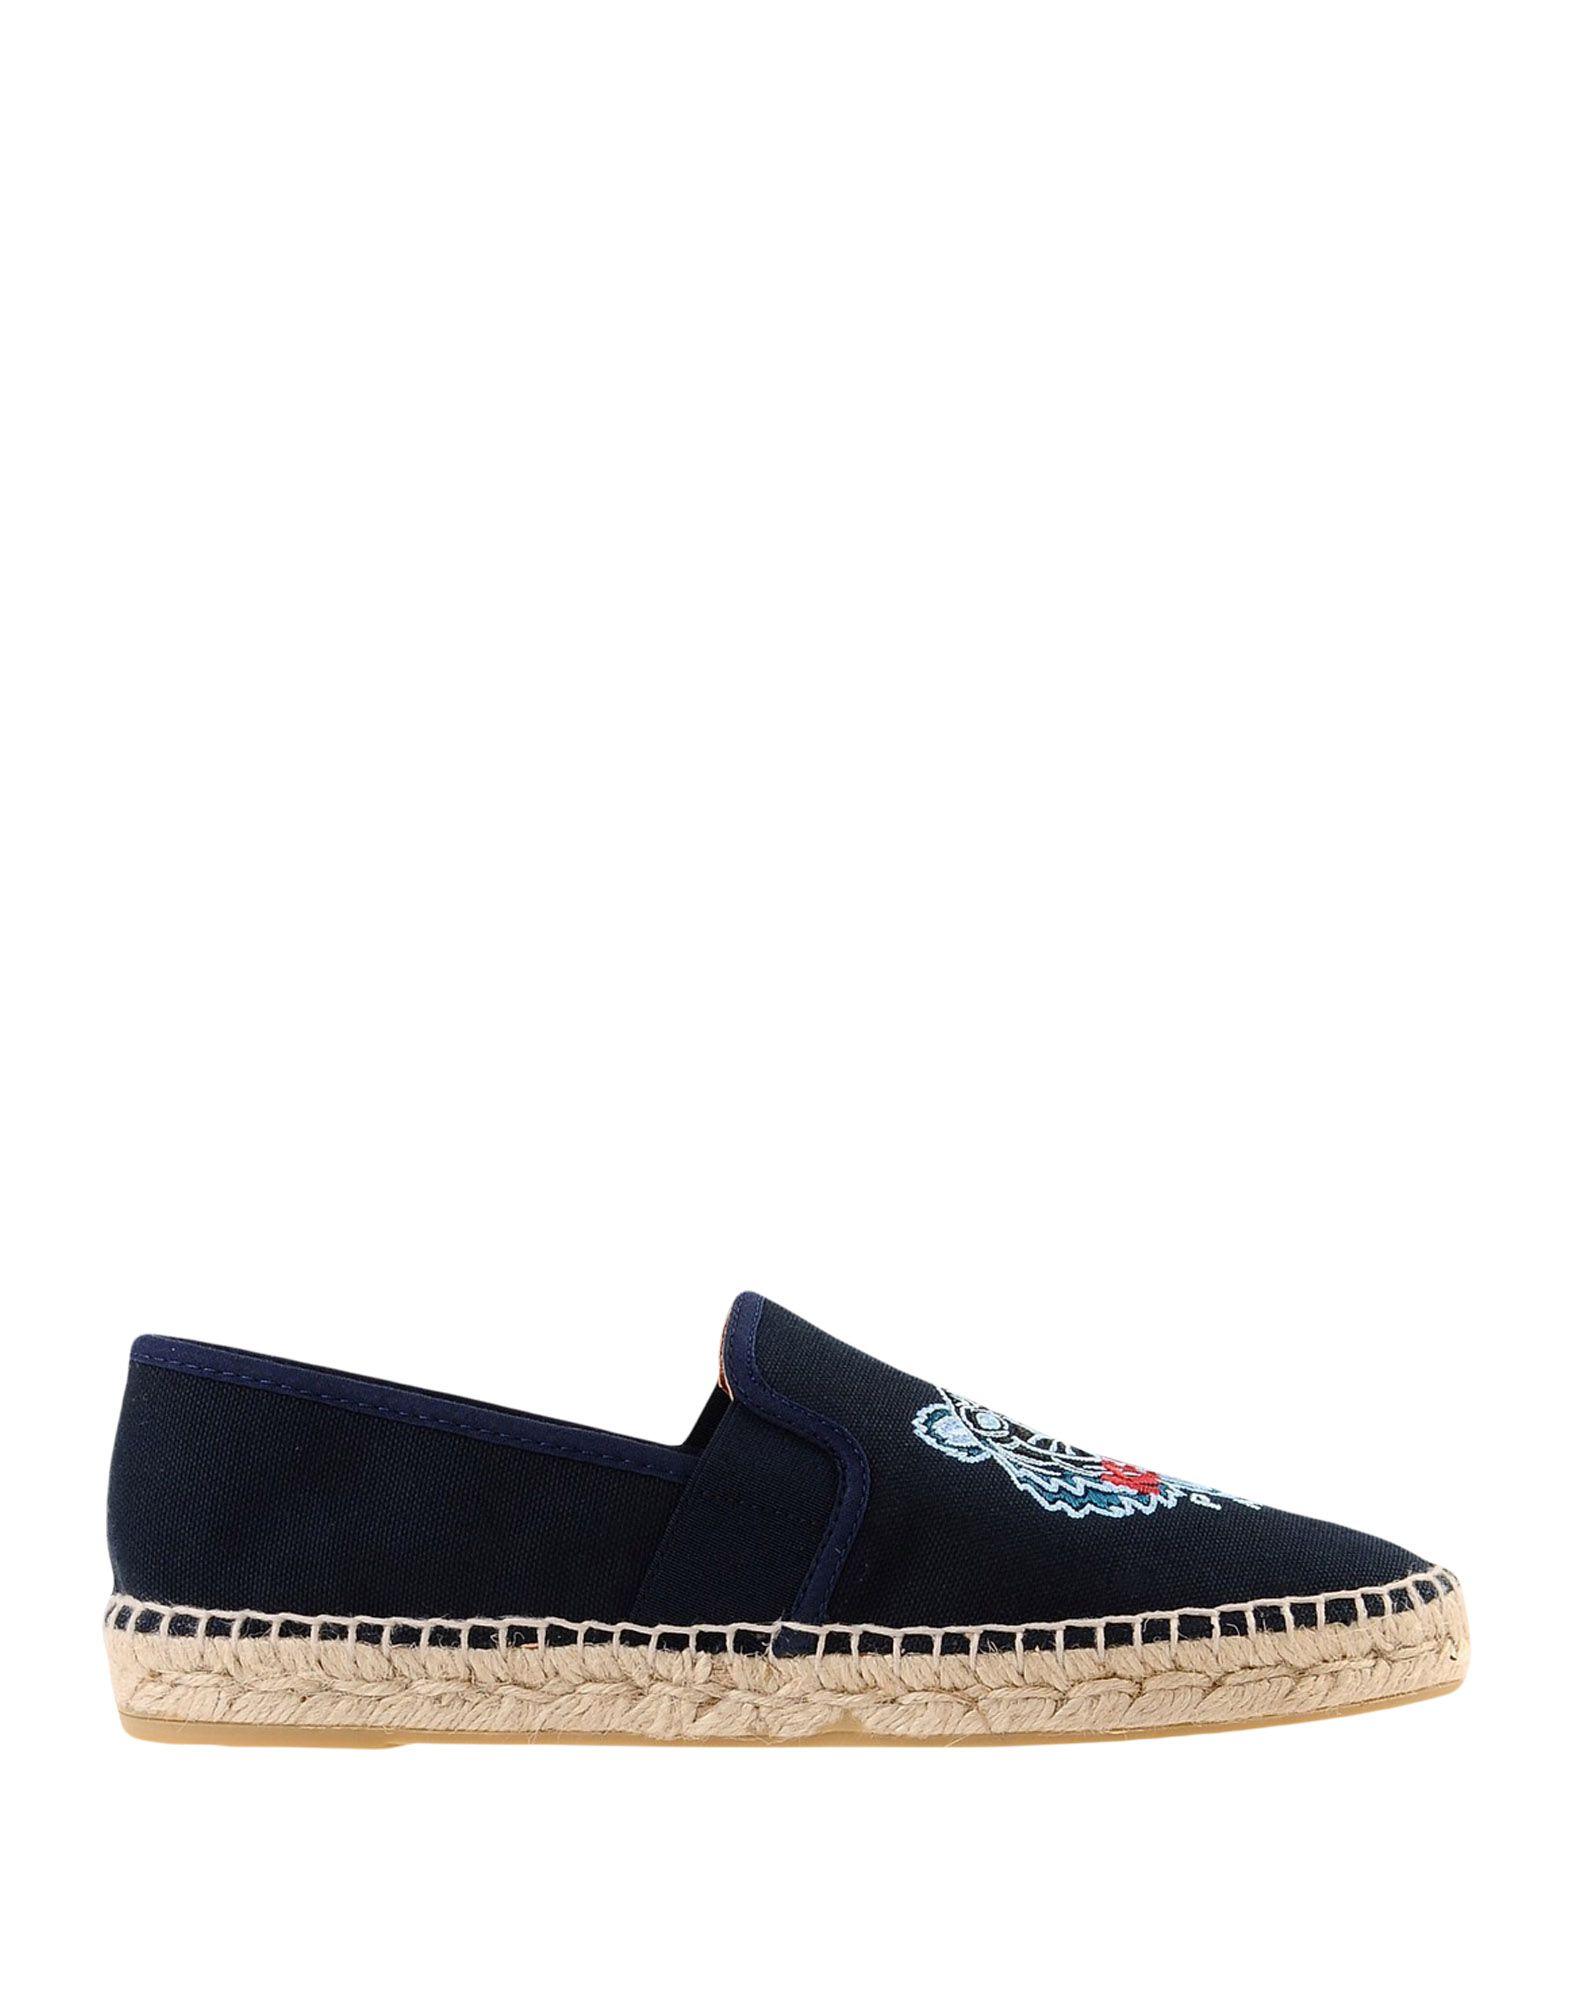 Kenzo Espadrilles Damen  11545166UPGut aussehende strapazierfähige Schuhe